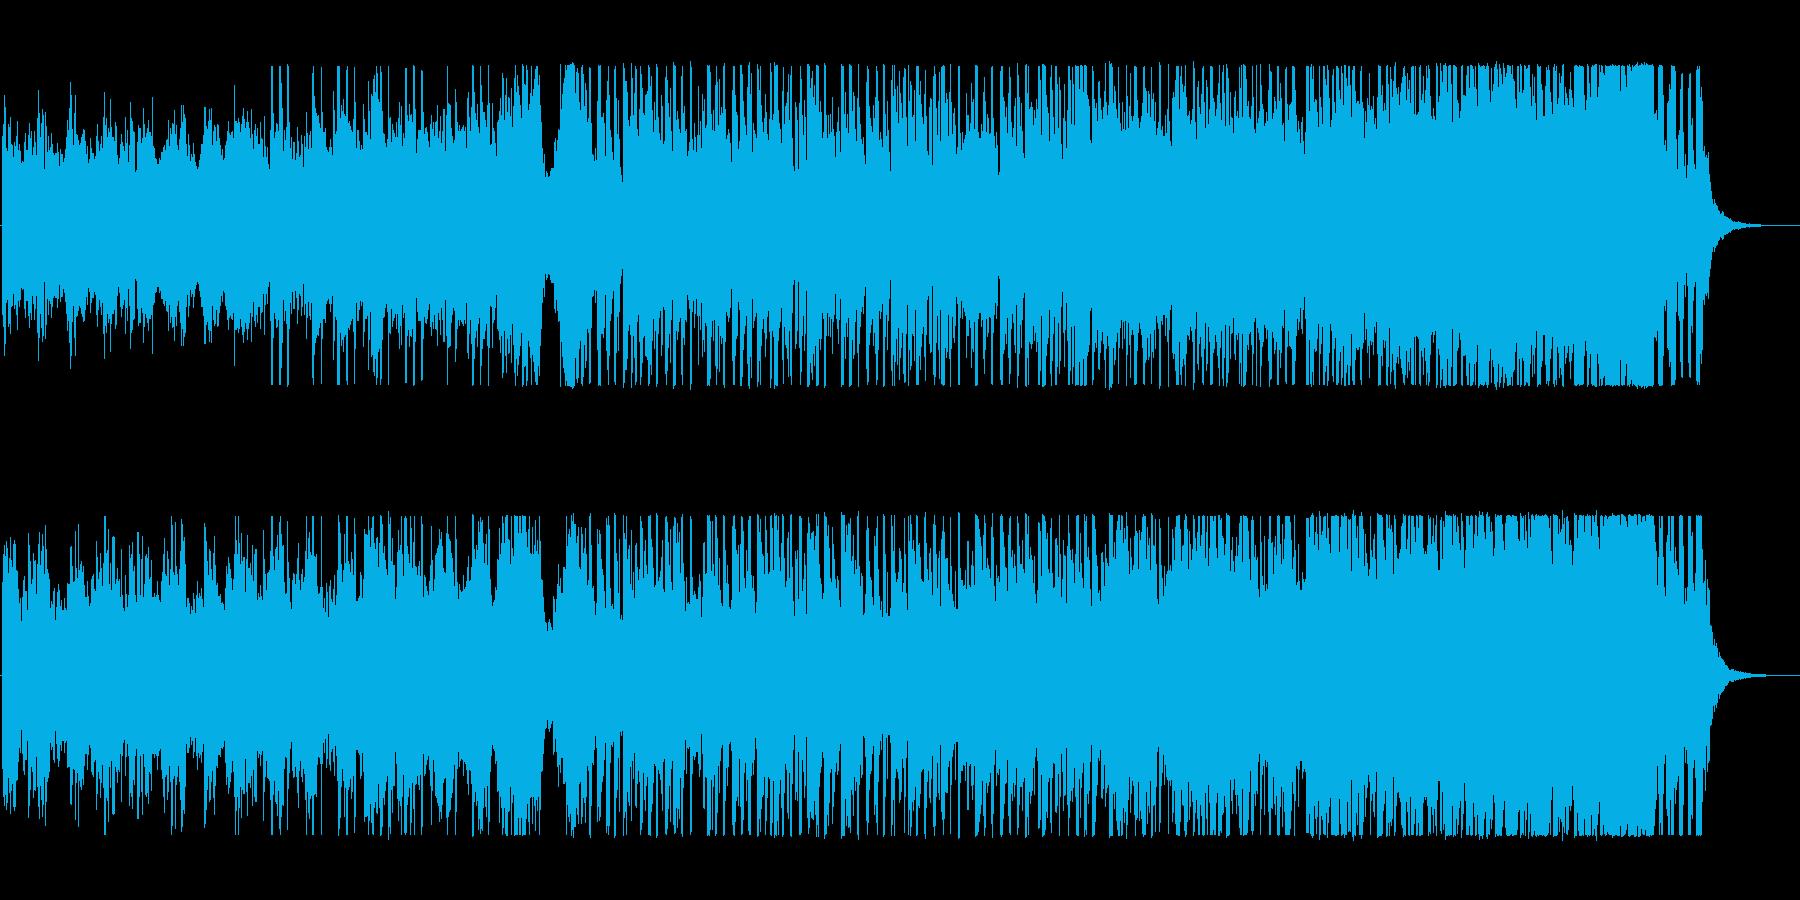 物事の始まりの期待感を演出できる曲の再生済みの波形